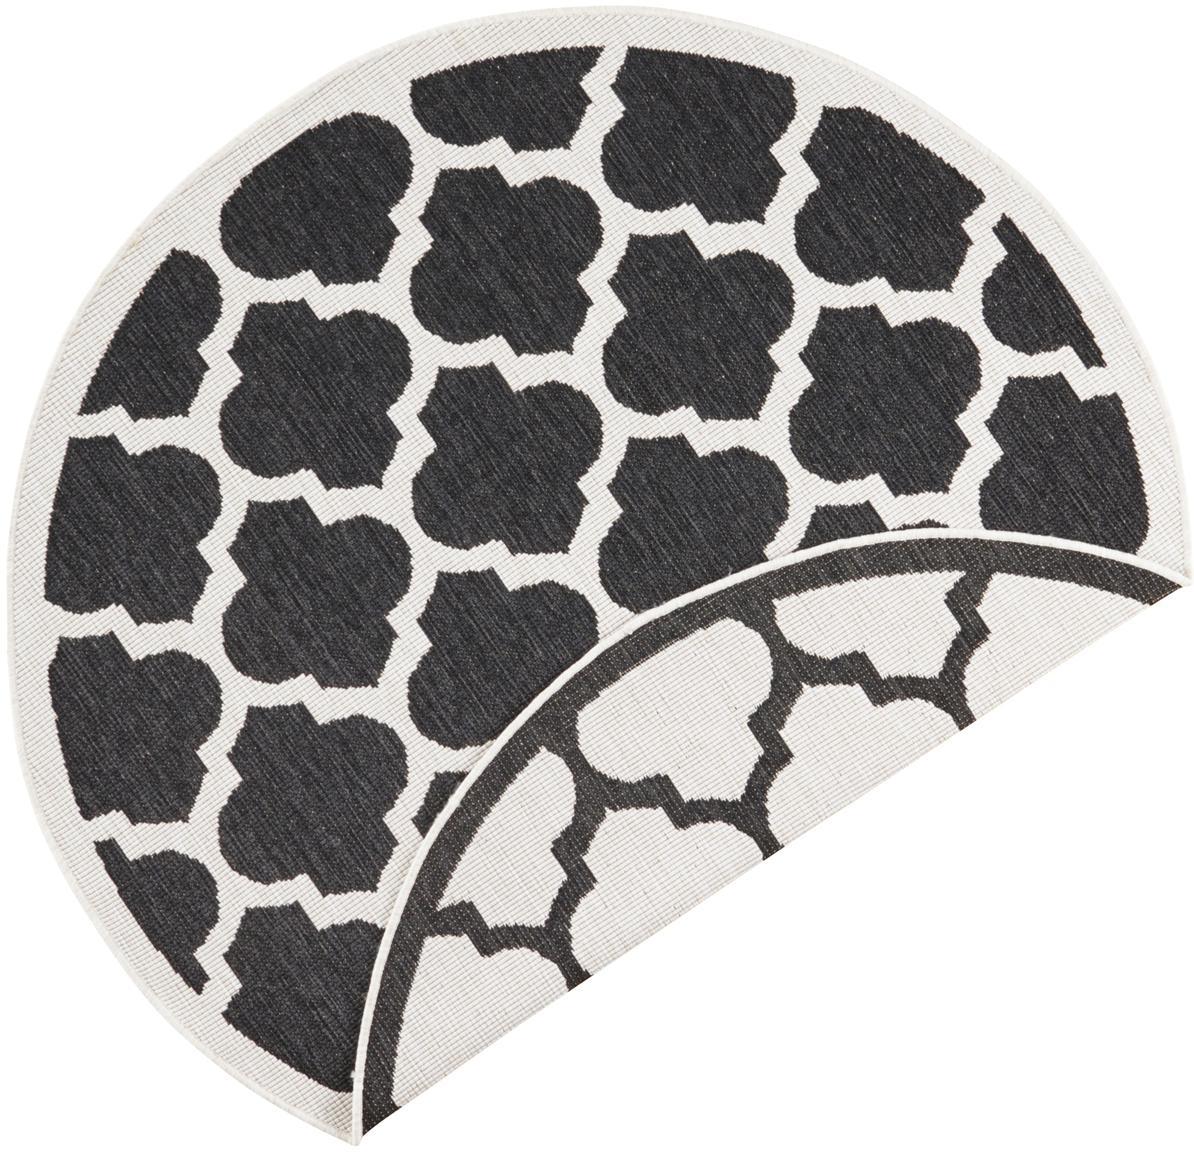 Tappeto rotondo da interno-esterno Palermo, Nero, crema, Ø 200 cm (taglia L)